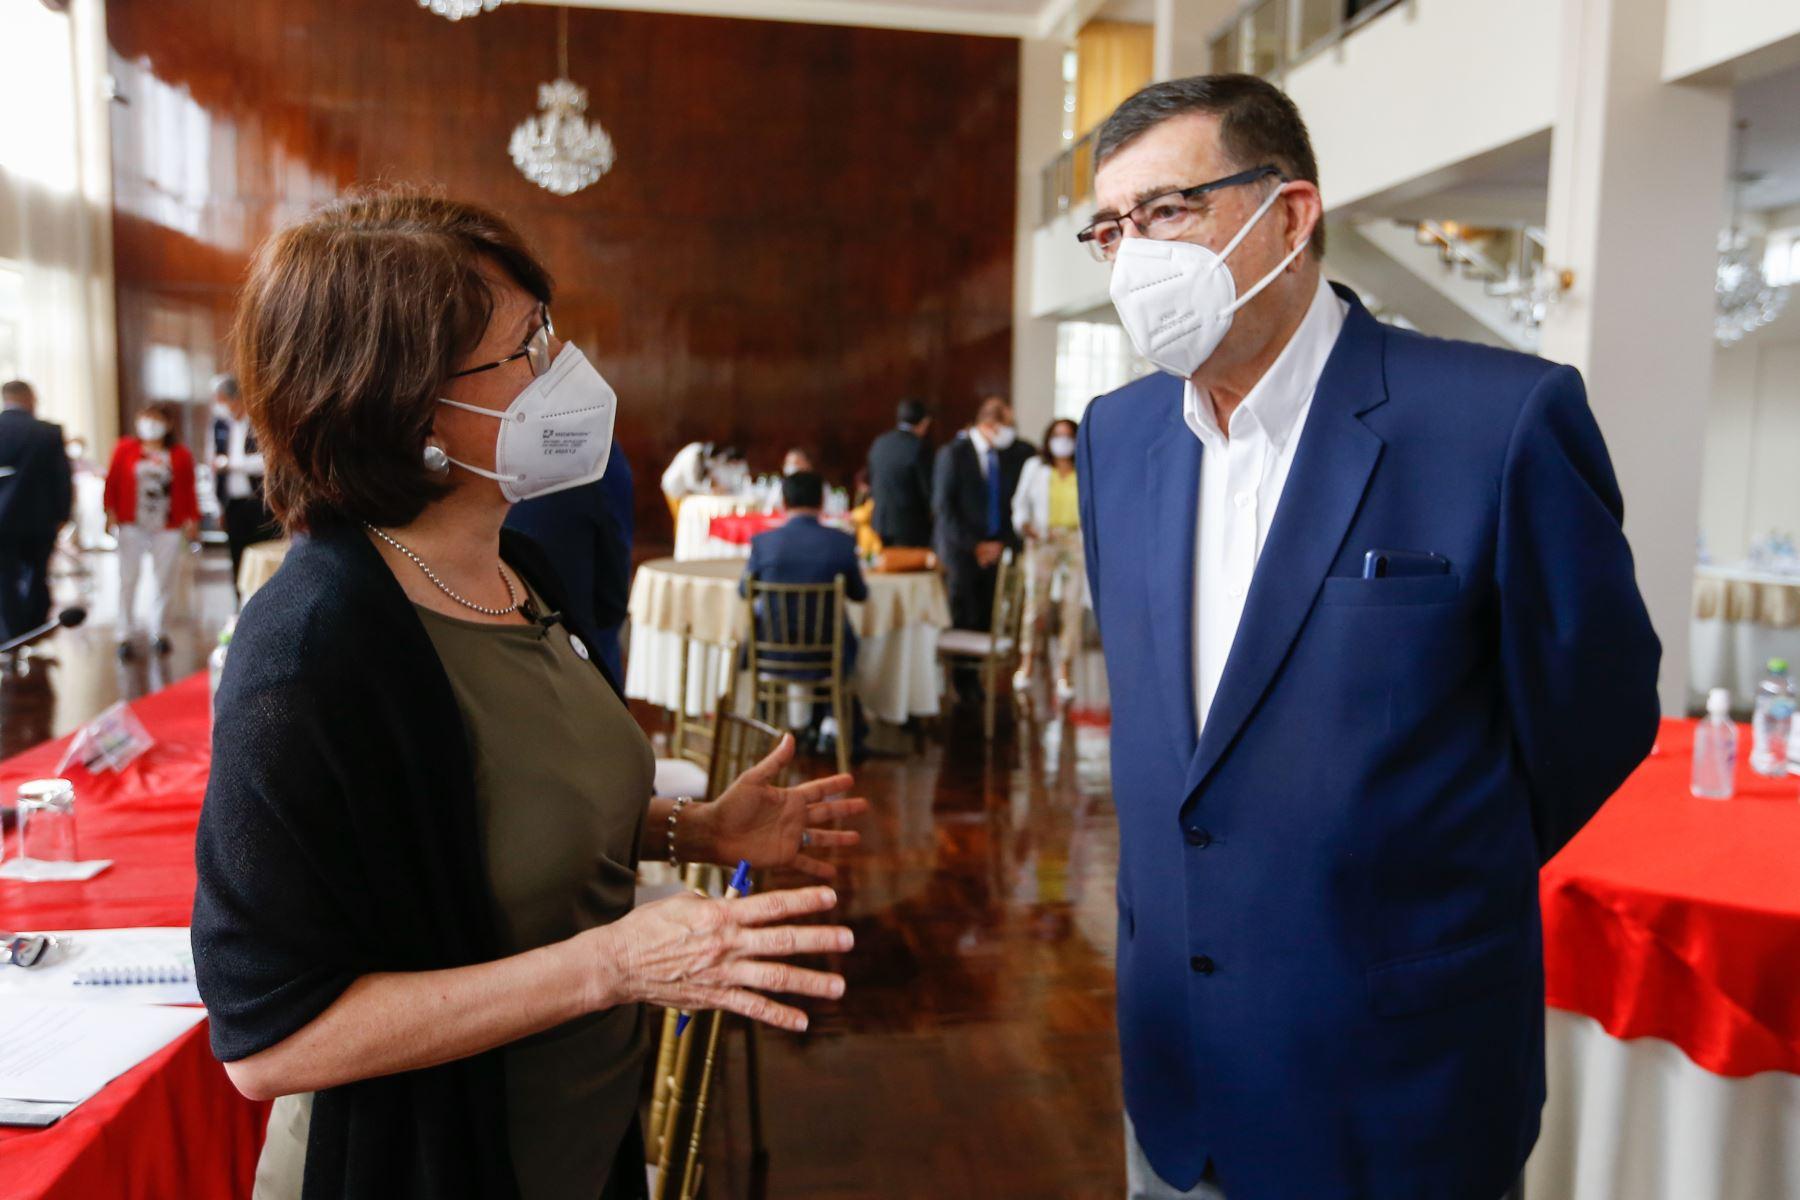 Ministra de Salud Pilar Mazzetti participa en la XV Reunión Extraordinaria de la Comisión Intergubernamental de Salud. Foto: Minsa